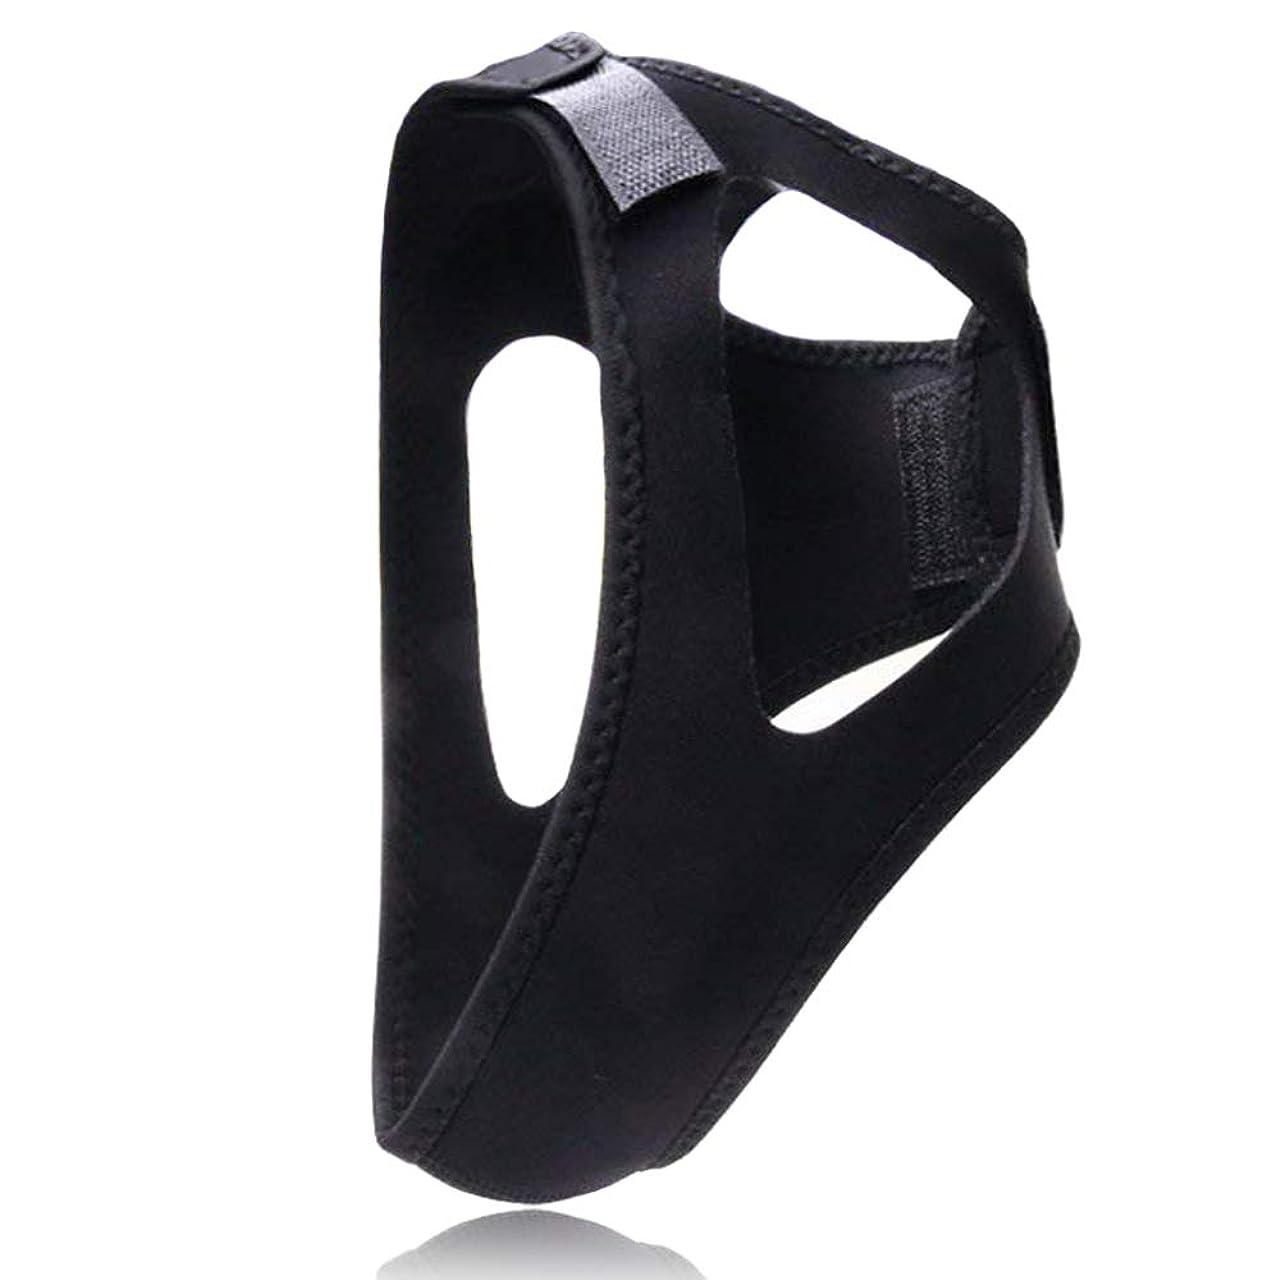 統治する好色な下着顎 サポーター,CCYCCL いびき防止グッズ 安眠 顎固定 開口防止グッズ 口呼吸防止 鼻呼吸【サイズ調整可能】男女兼用